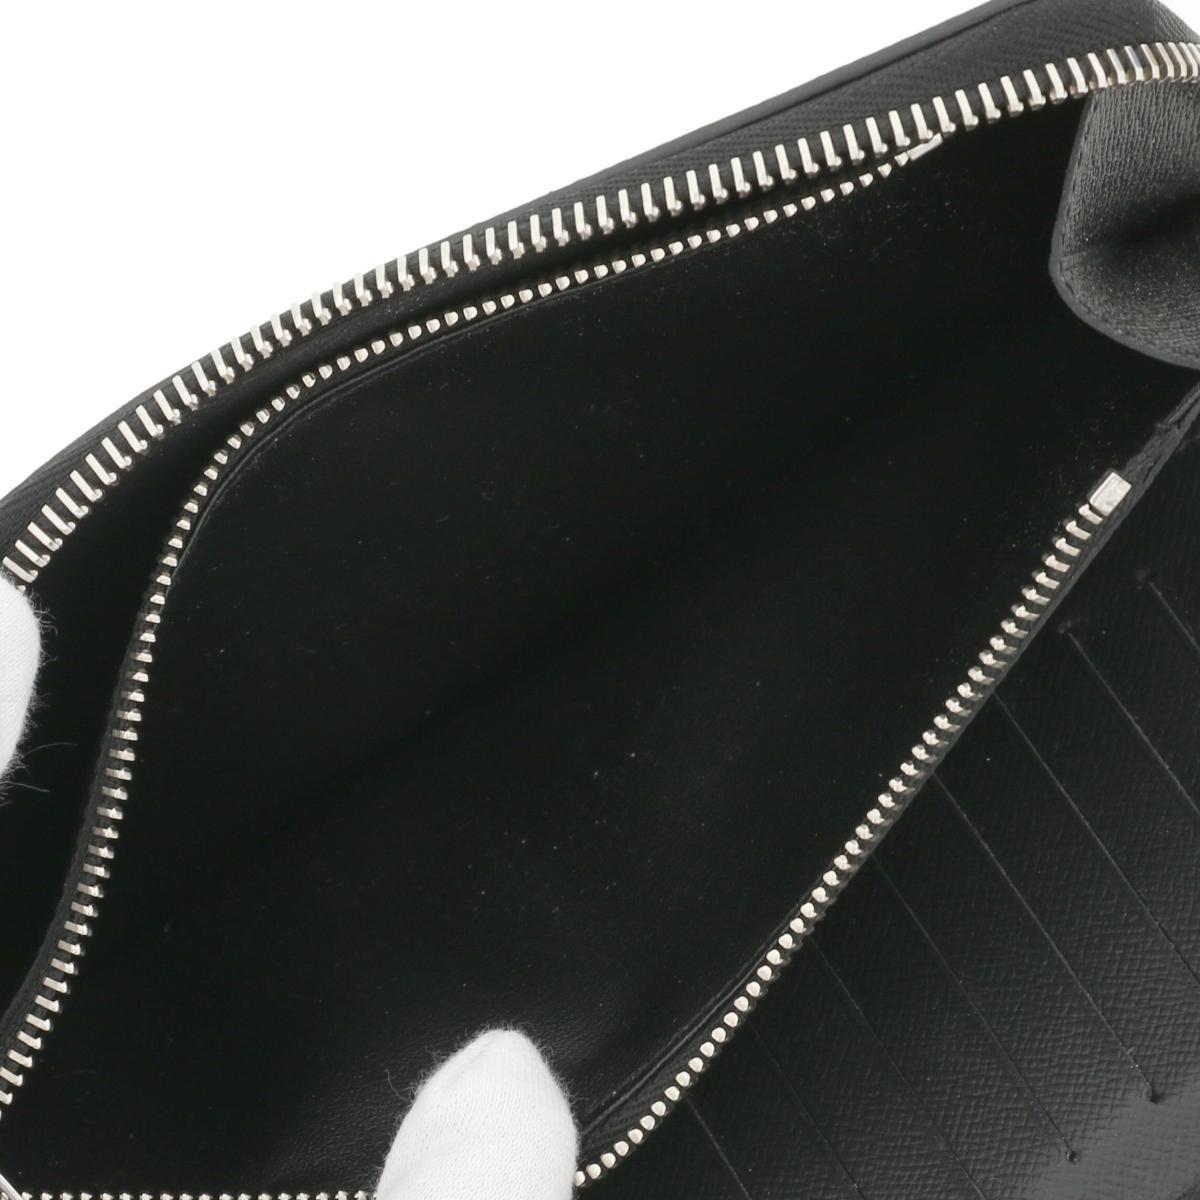 【中古】LOUIS VUITTON (ルイヴィトン) ジッピーウォレット・ヴェルティカル 財布 長財布(小銭入有) Taiga/タイガ Black M30503 used:B